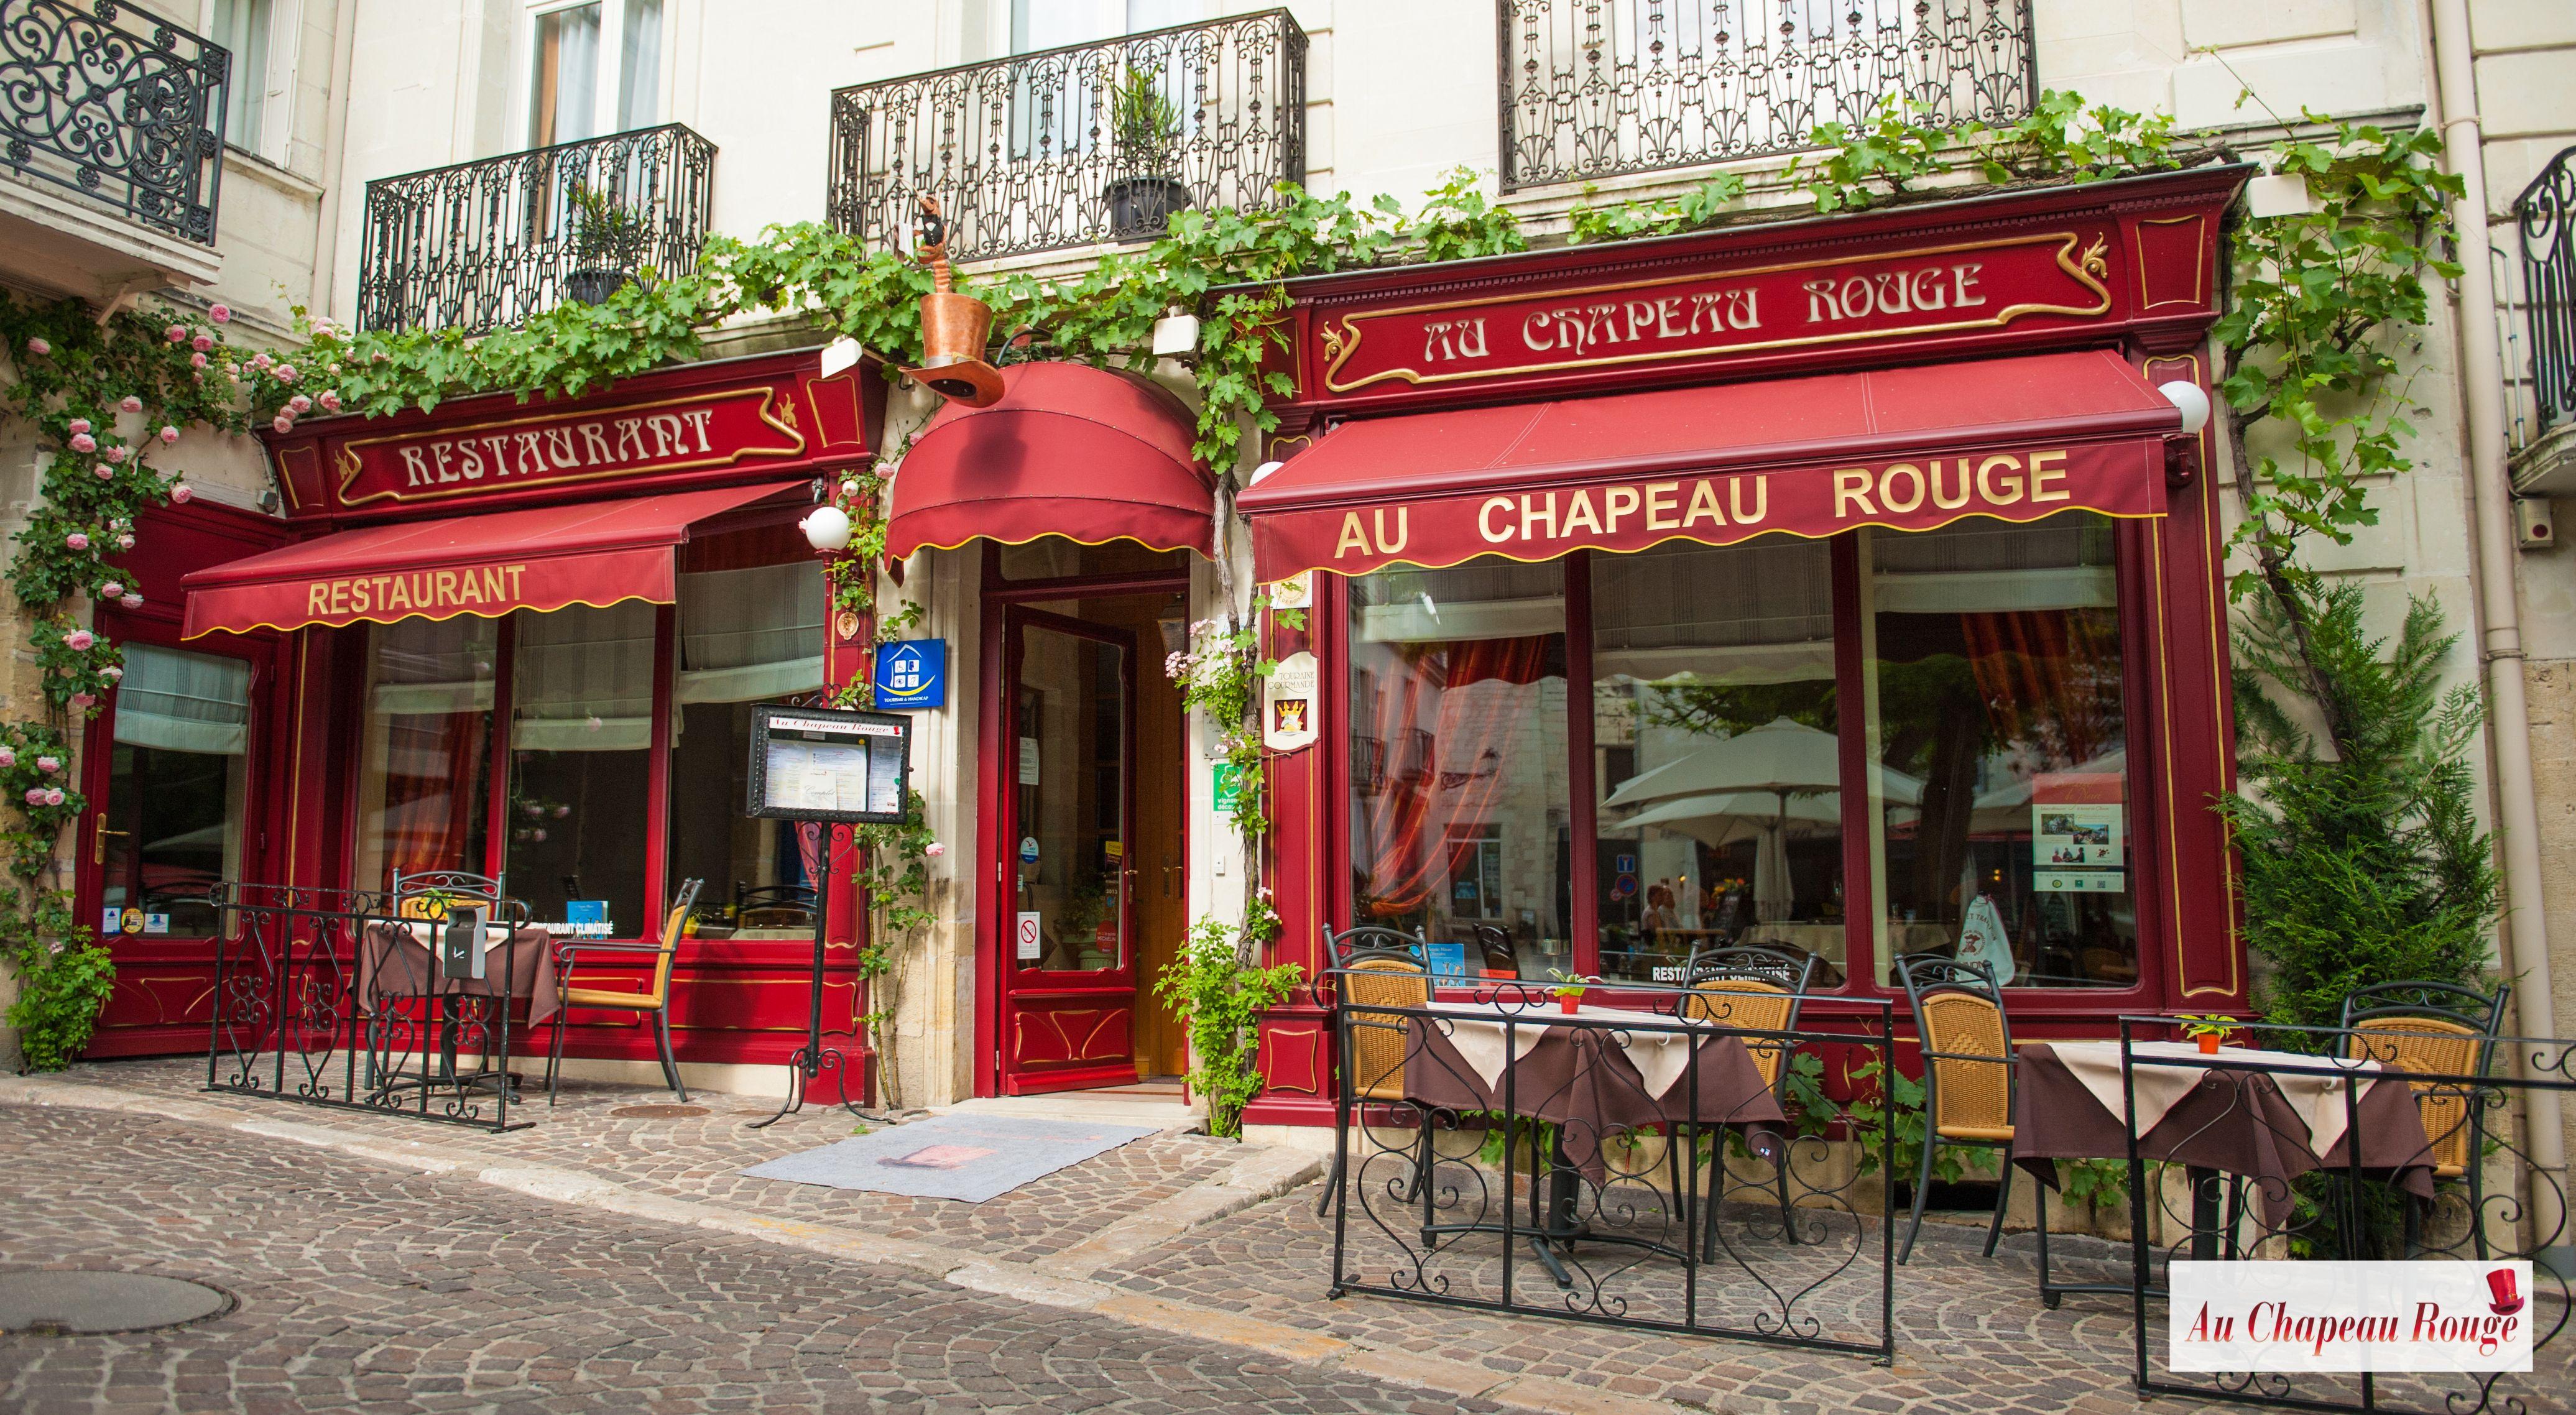 Restaurant Au Chapeau Rouge A Chinon Venez Decouvrir La Cuisine Du Chef Christophe Duguin Maitre Restaurateur Vitrine Realisee A Chinon Loire Restaurant